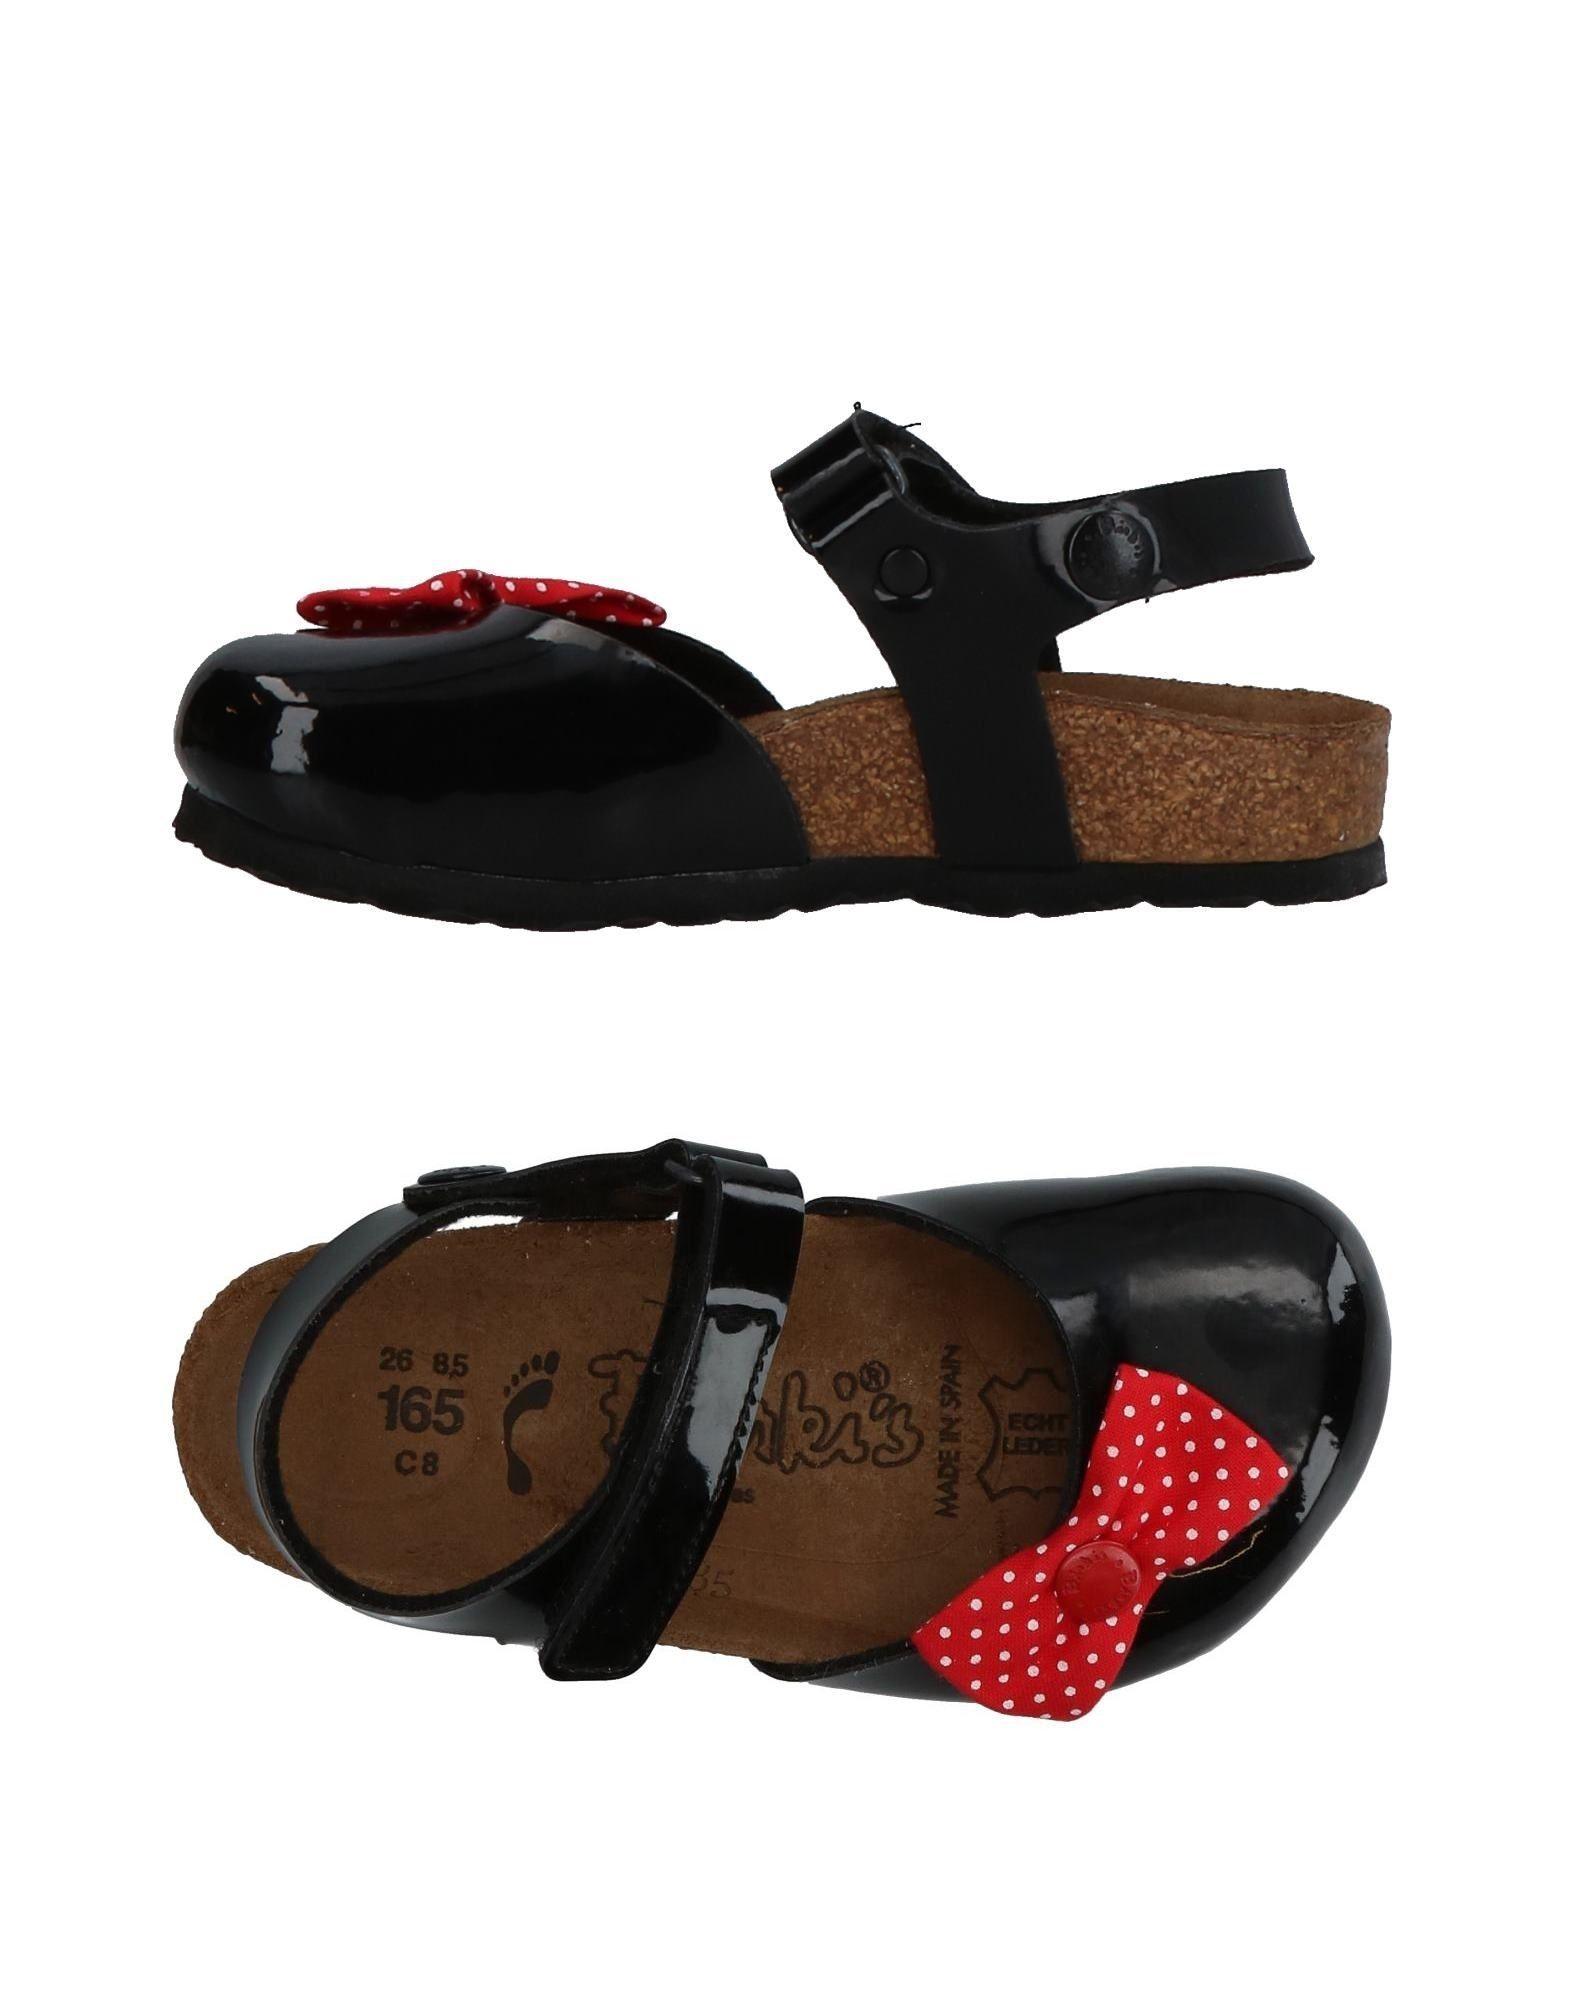 BIRKIS Sandals